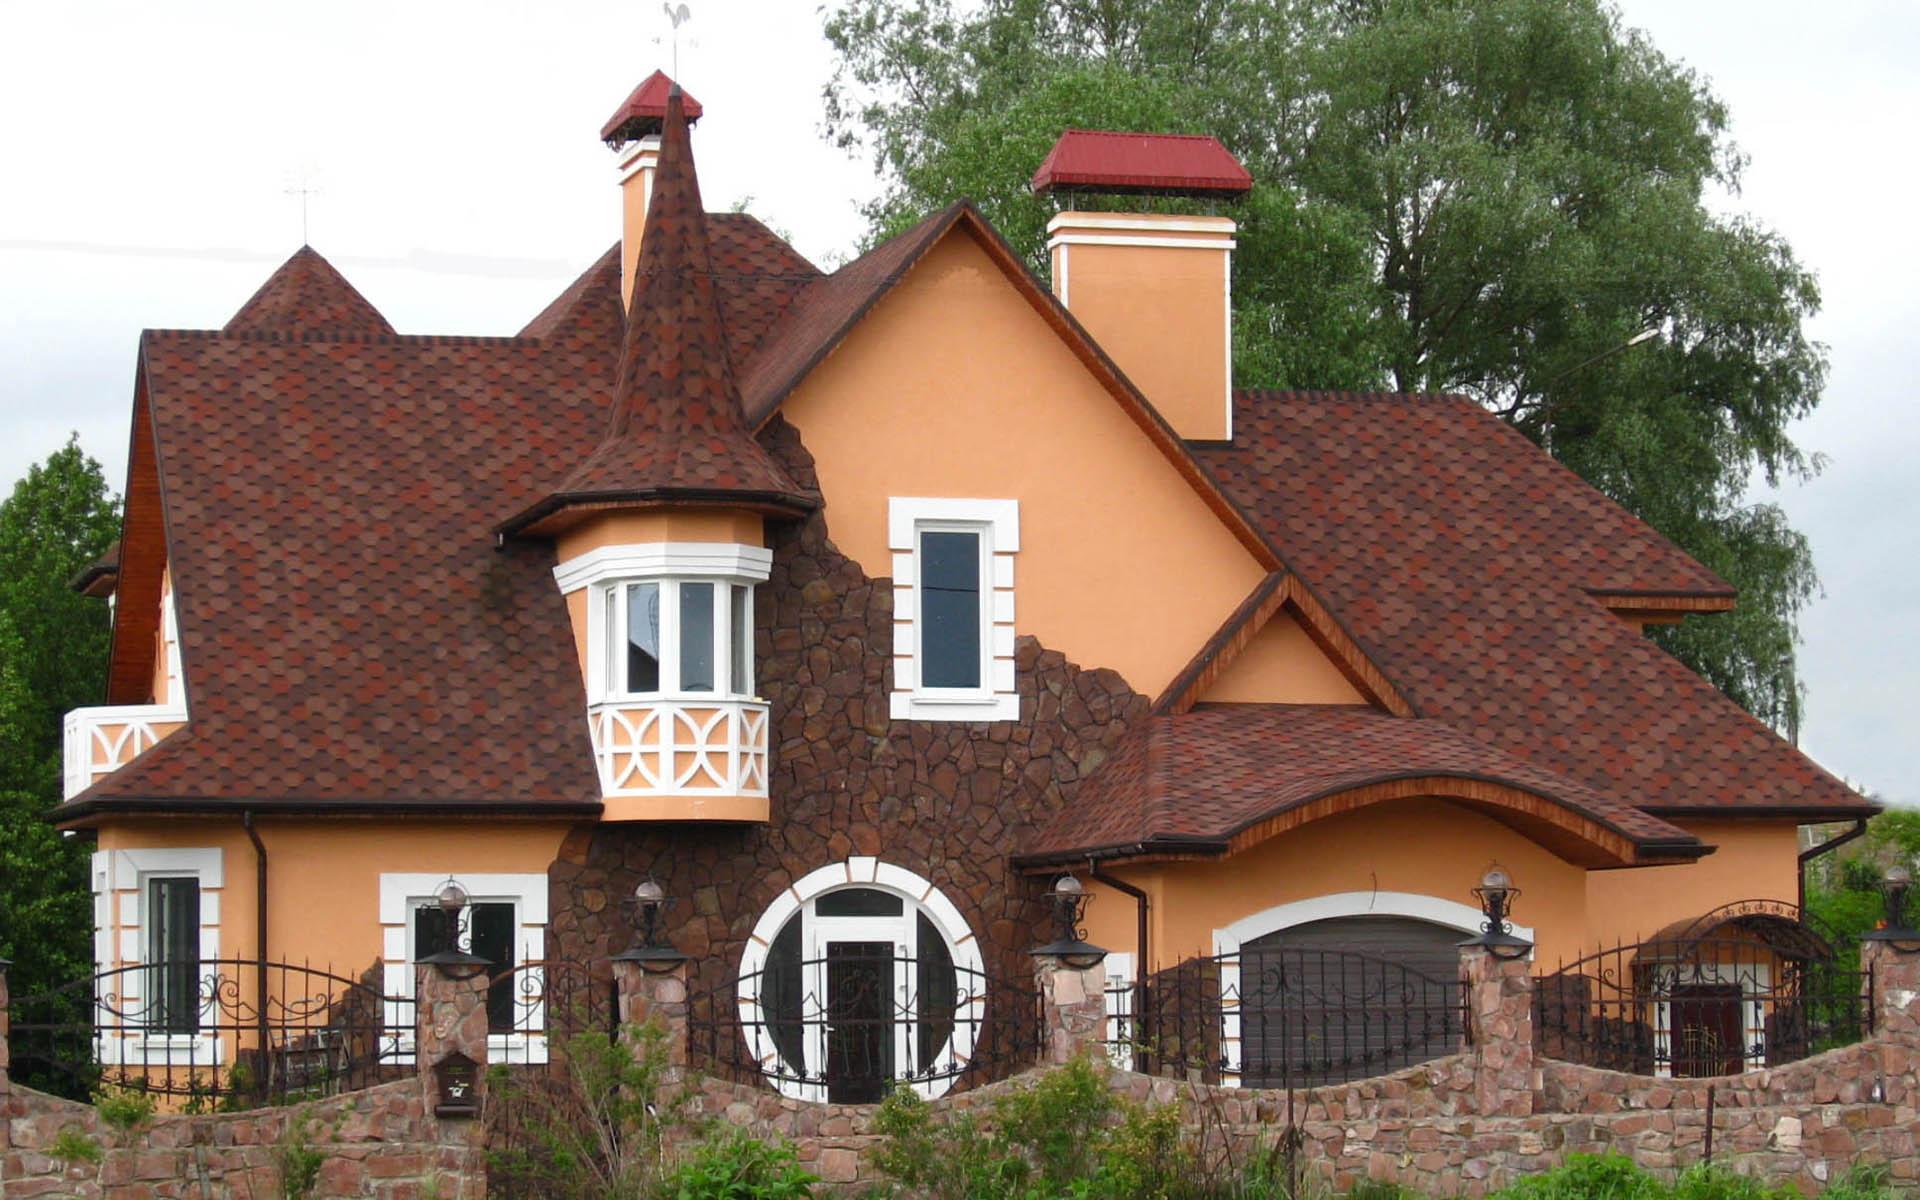 Монтаж крыши дома под ключ в Киеве